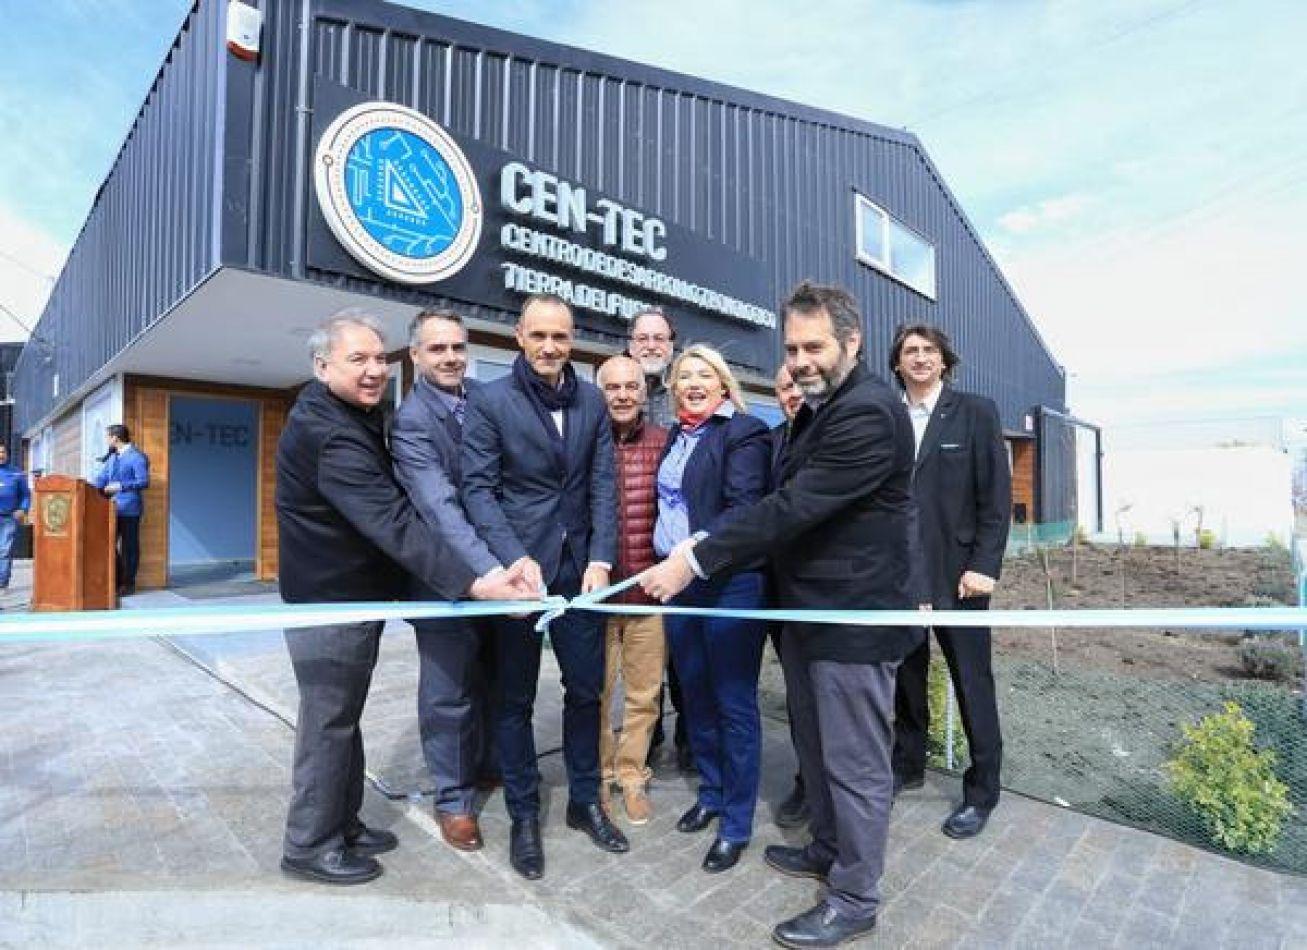 Se inauguró el Centro de Desarrollo Tecnológico de Tierra del Fuego